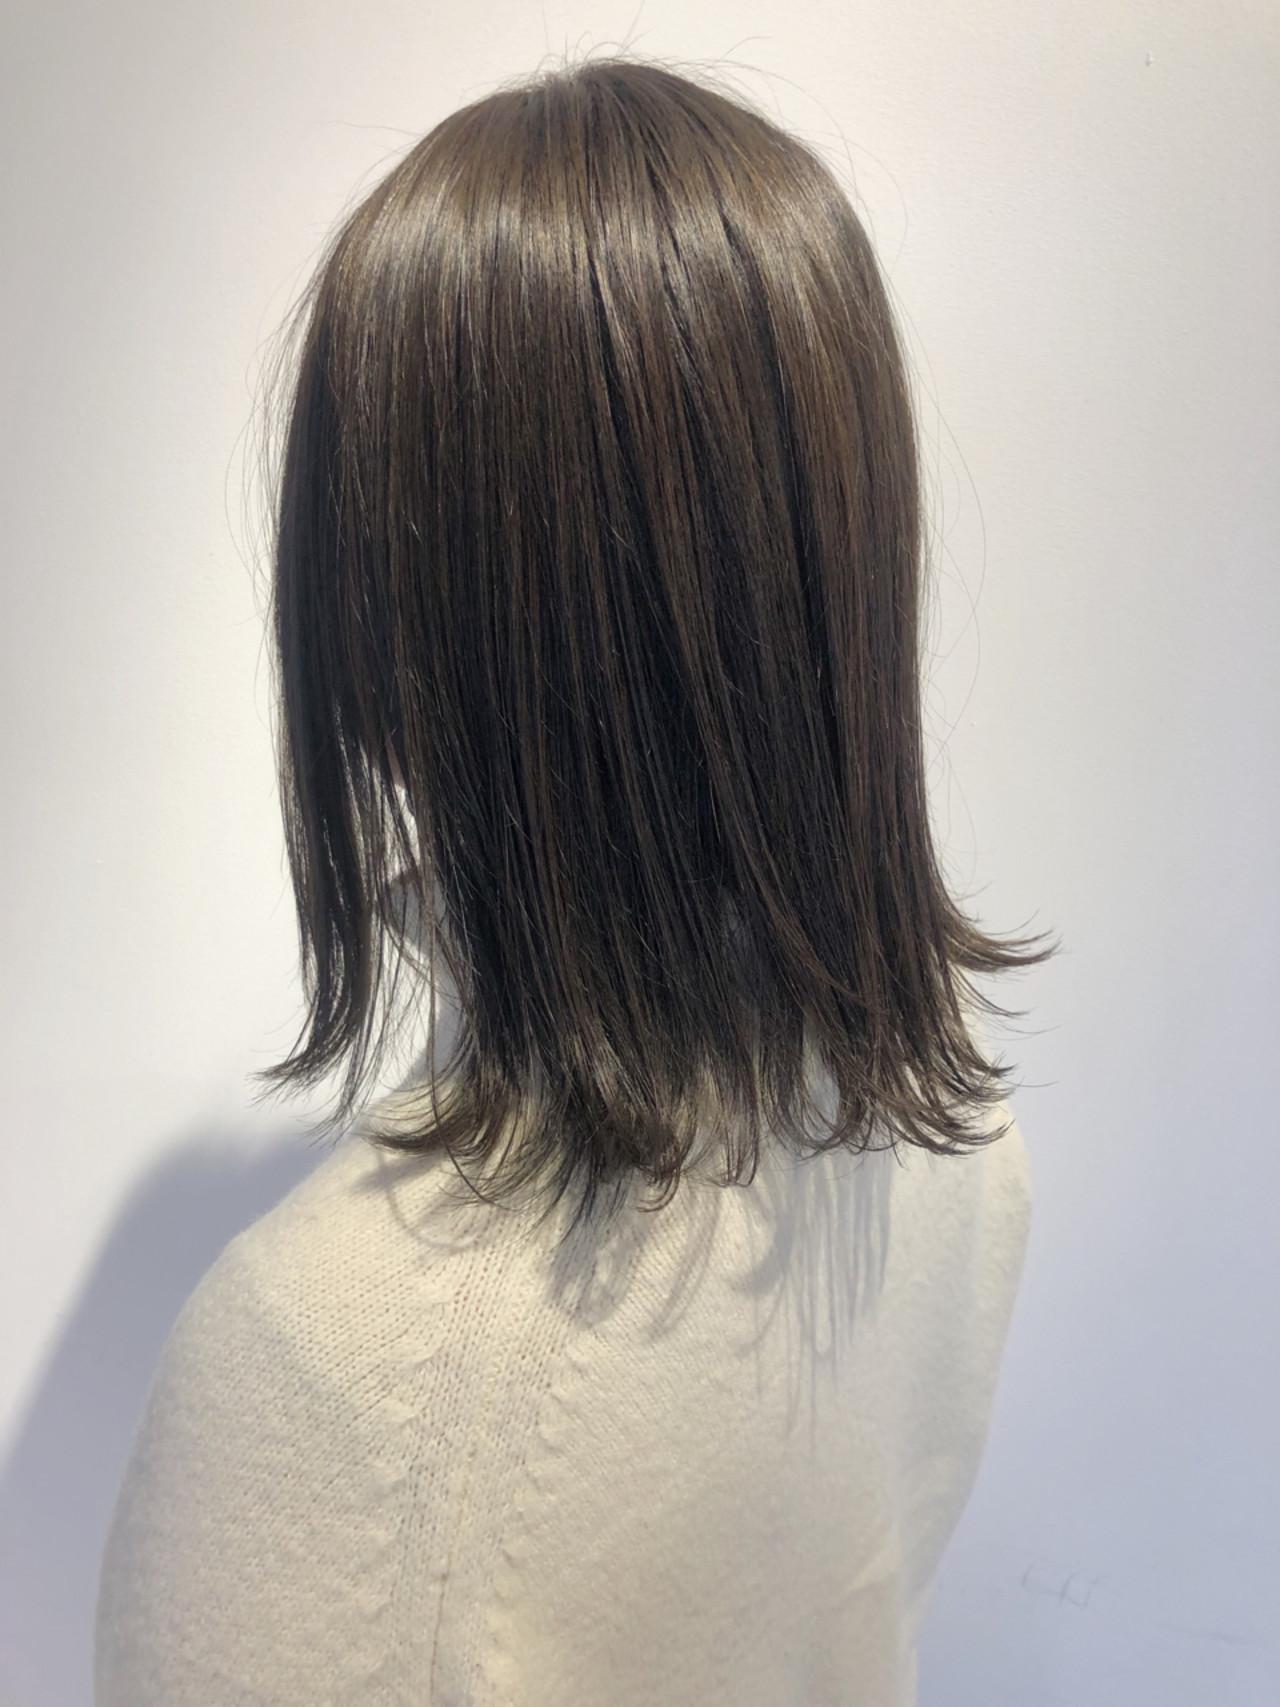 ミディアム 透明感 ロブ ベージュ ヘアスタイルや髪型の写真・画像